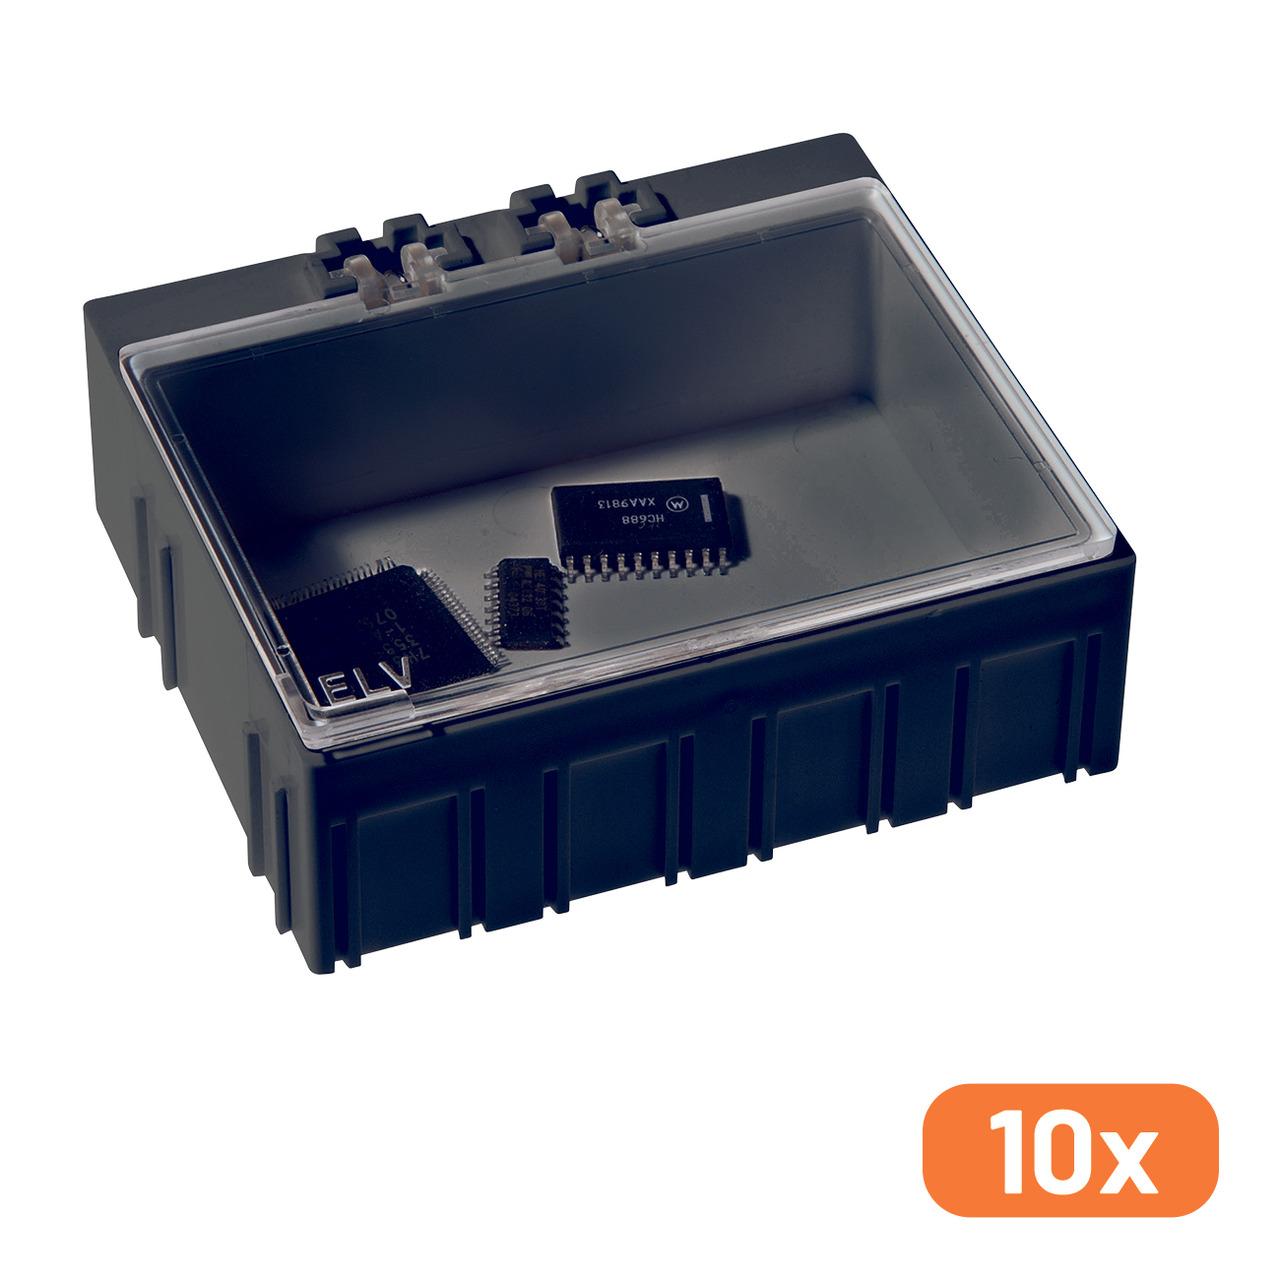 10er-Set ELV SMD-Sortierbox- Antistatik- 23 x 62 x 54 mm